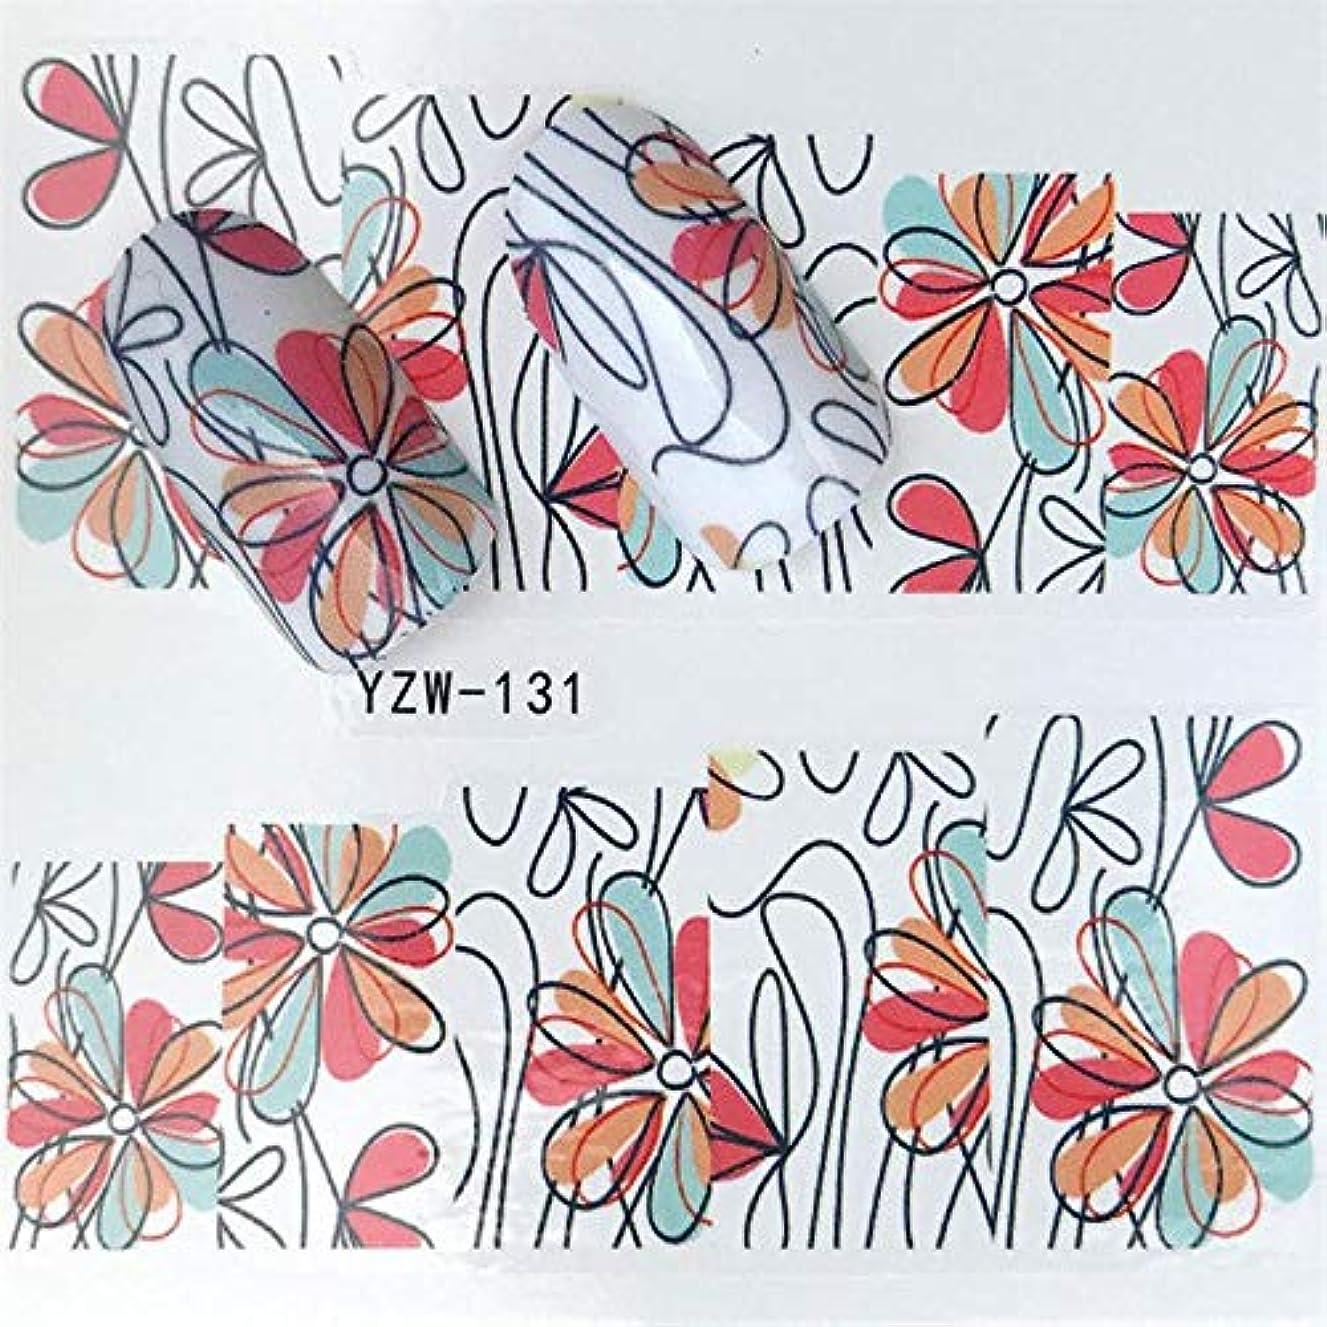 同じ性格繊毛SUKTI&XIAO ネイルステッカー ブラックフラワーレース/フルーツ/アイスクリームデザインネイルアート水デカール転送ネイルステッカー装飾エレガンスマニキュアツール